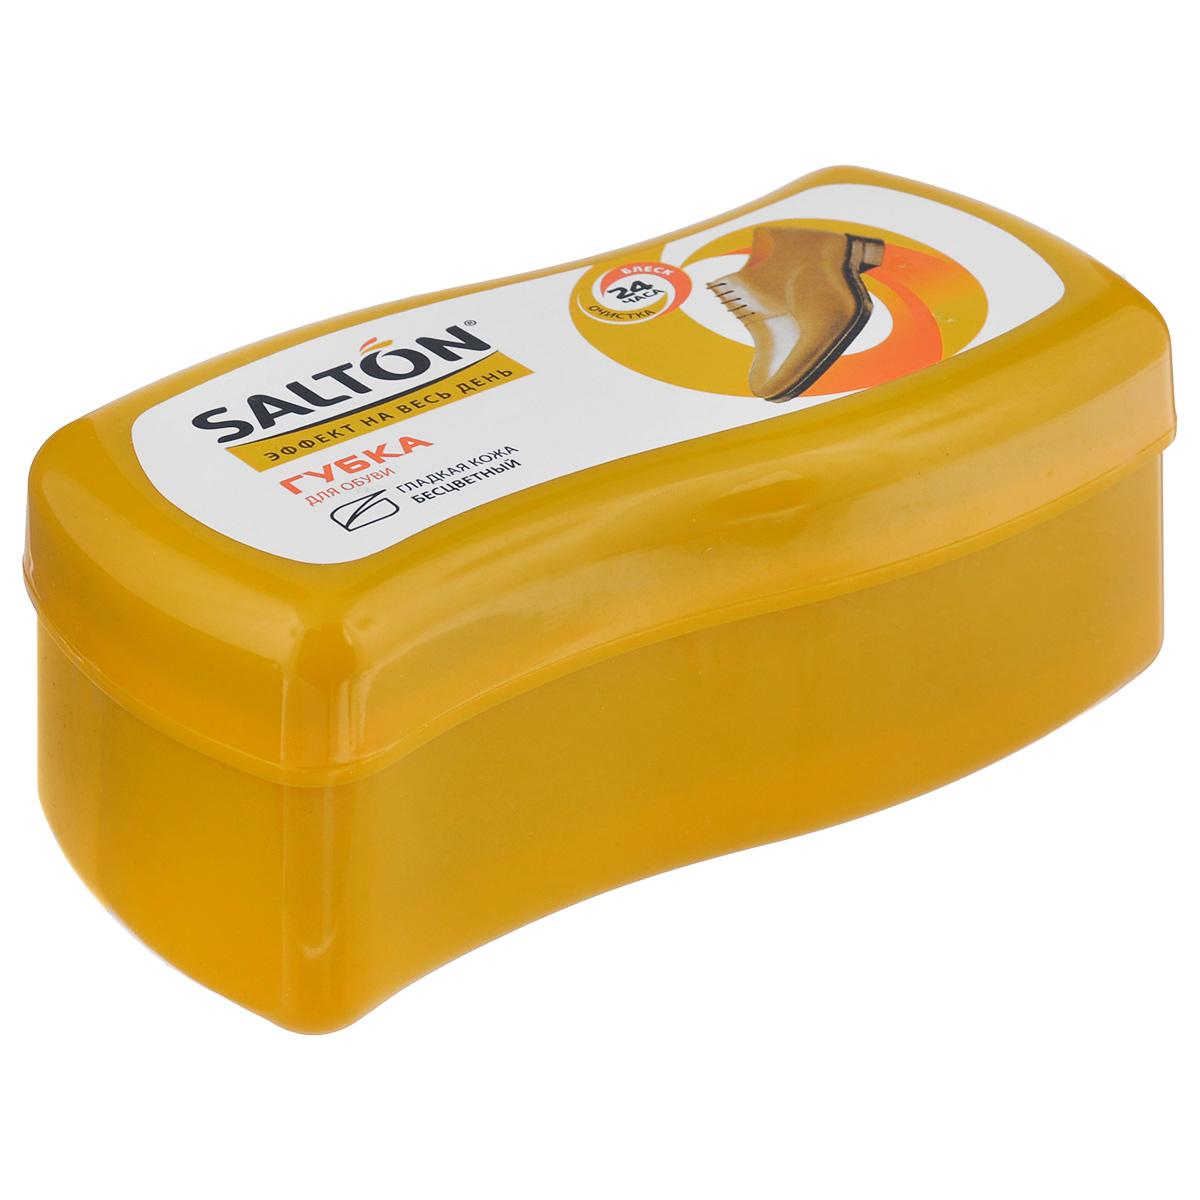 Губка Salton Волна для обуви из гладкой кожи, цвет: бесцветный, 7,5 х 3,5 х 3,5 см губка д обуви salton с дозатором черный